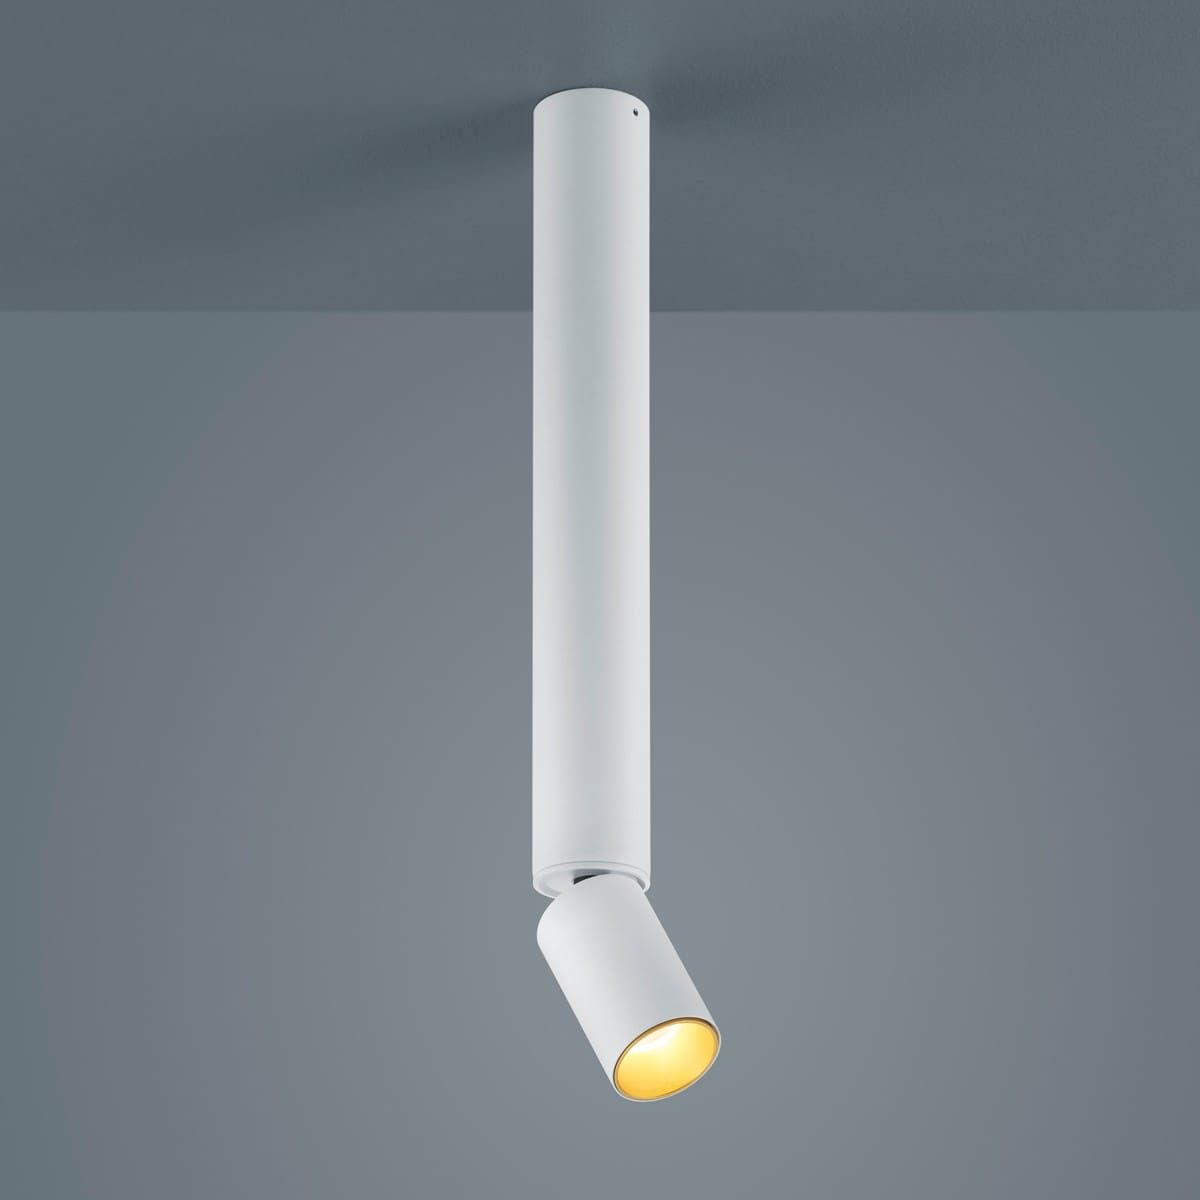 flache deckenlampe   indirekte beleuchtung led ideen   wohnzimmer ...